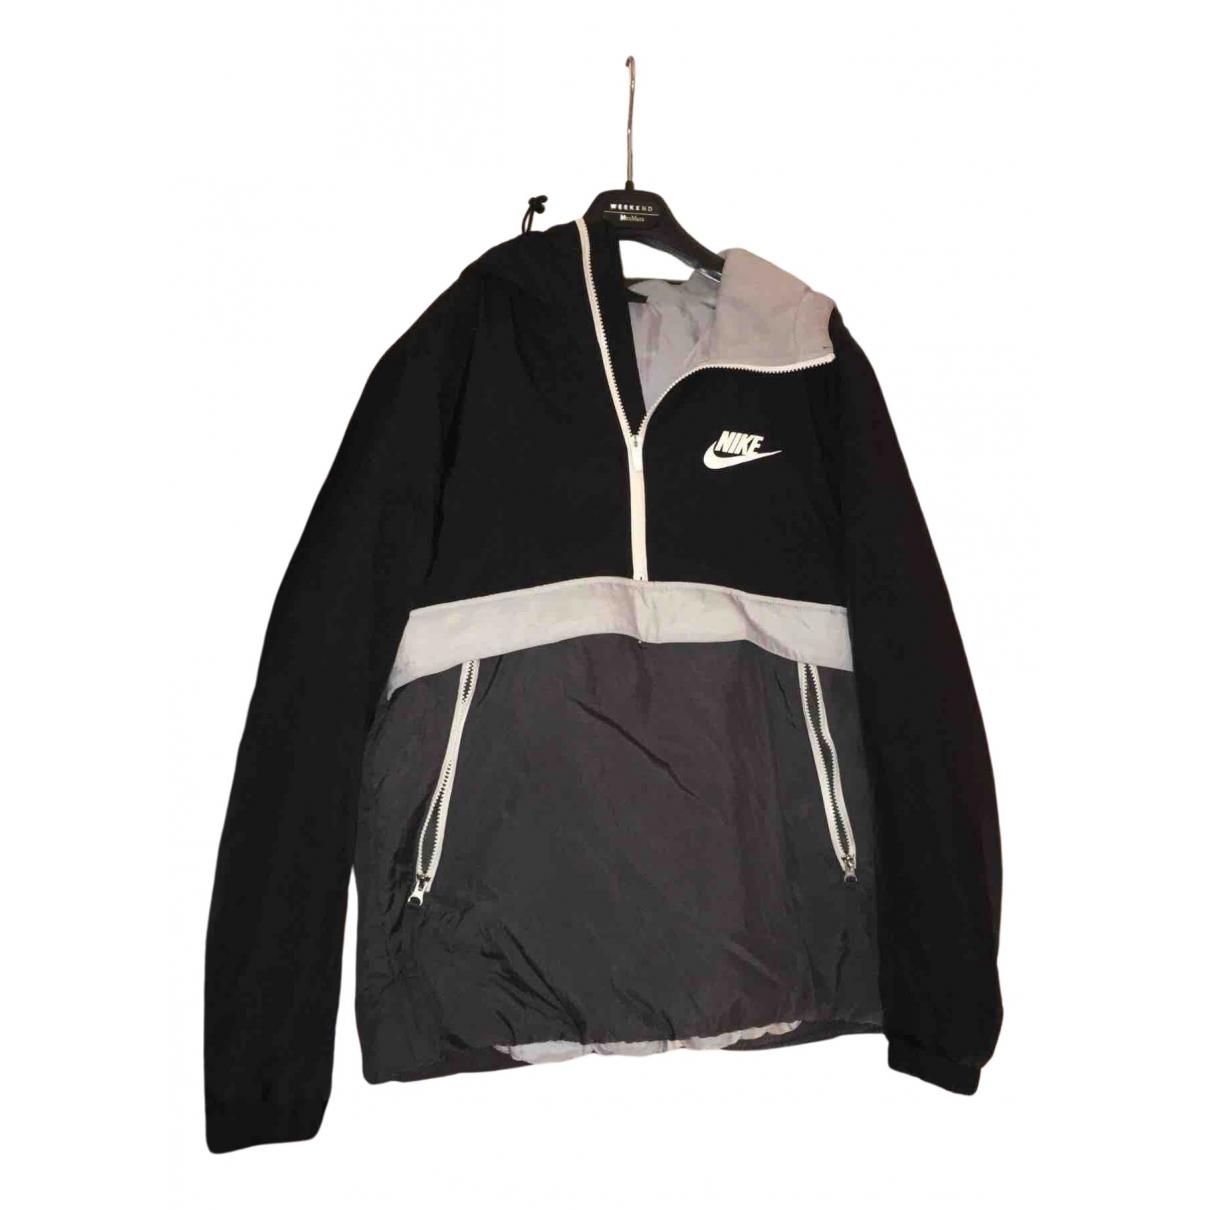 Nike - Vestes.Blousons   pour homme - noir